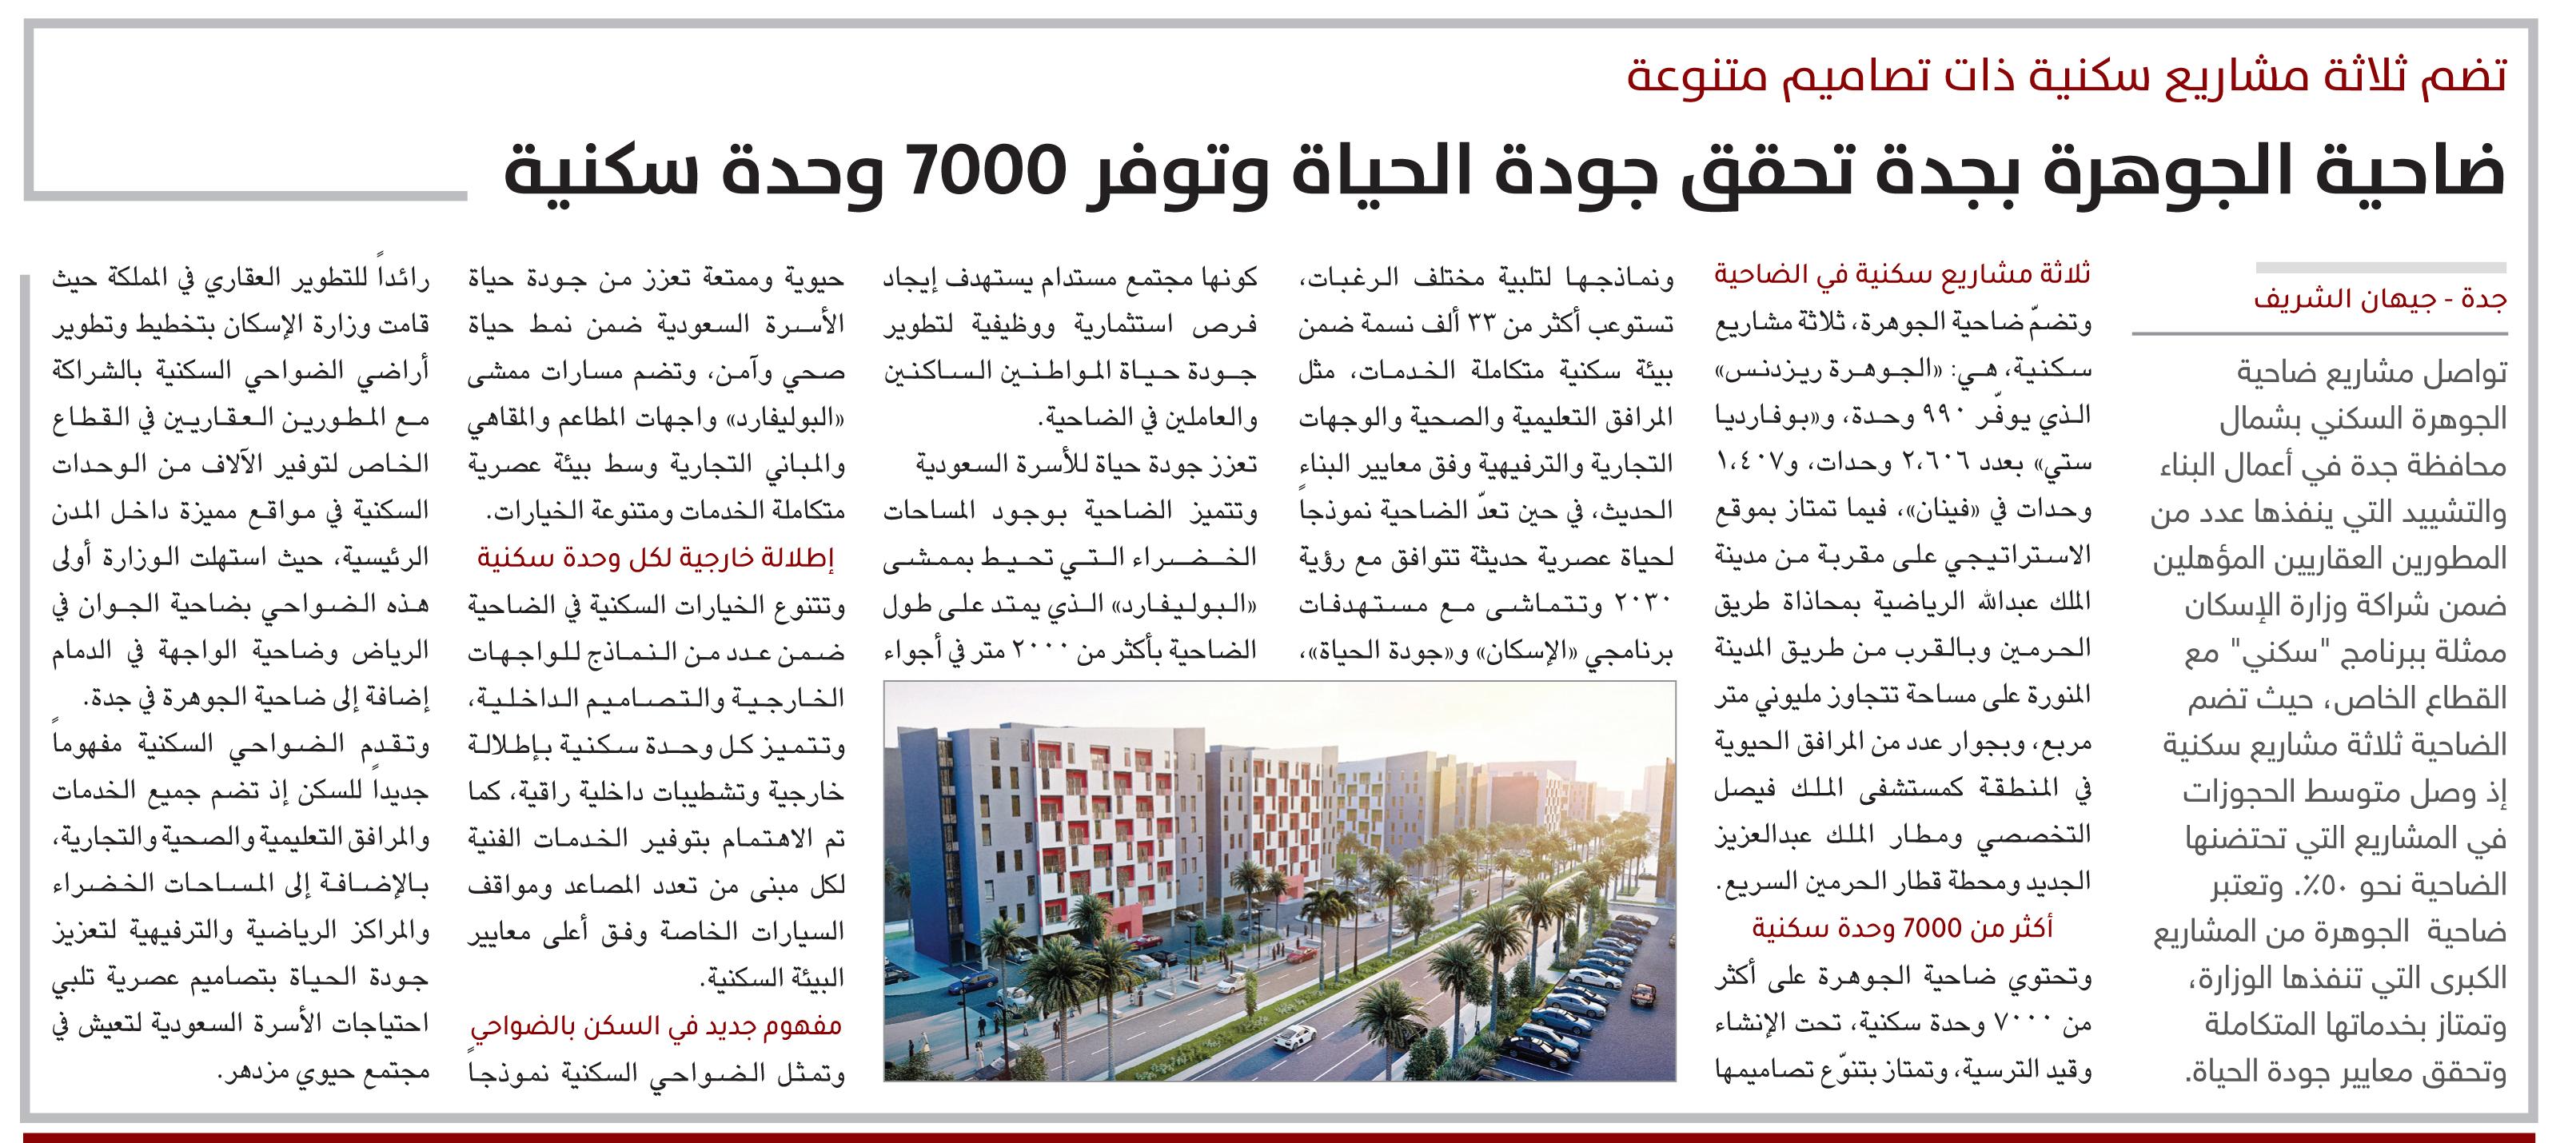 ضاحية جدة - مشاريع سكنيةمشروع